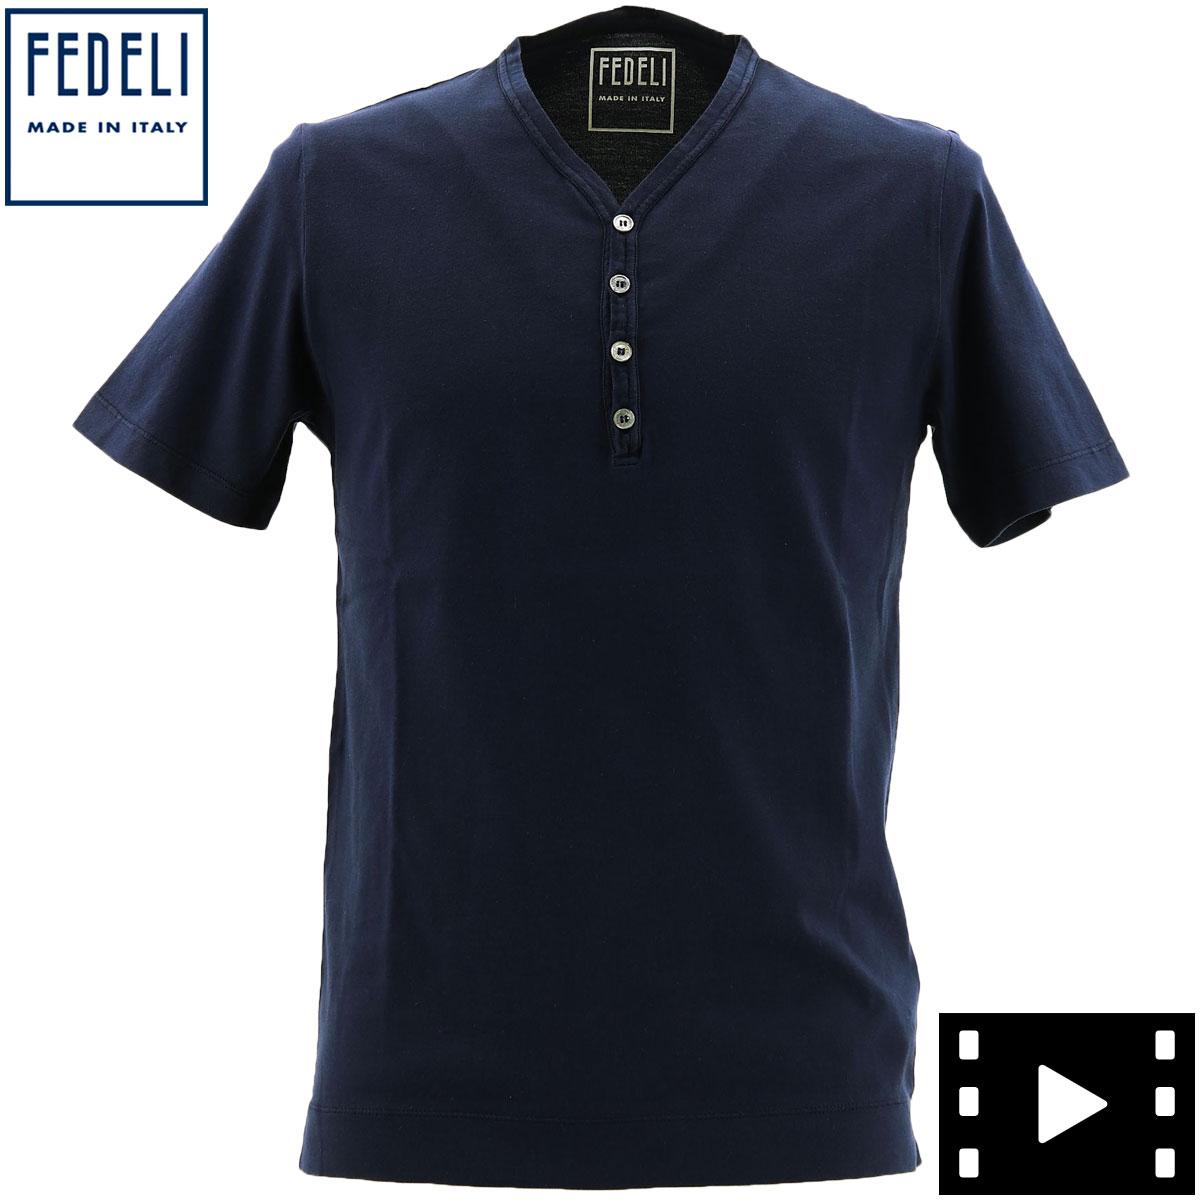 フェデーリ FEDELI メンズ GIZA オーガニックコットン ヘンリーネックTシャツ EST MM. FDL 626(ネイビー) 春夏新作